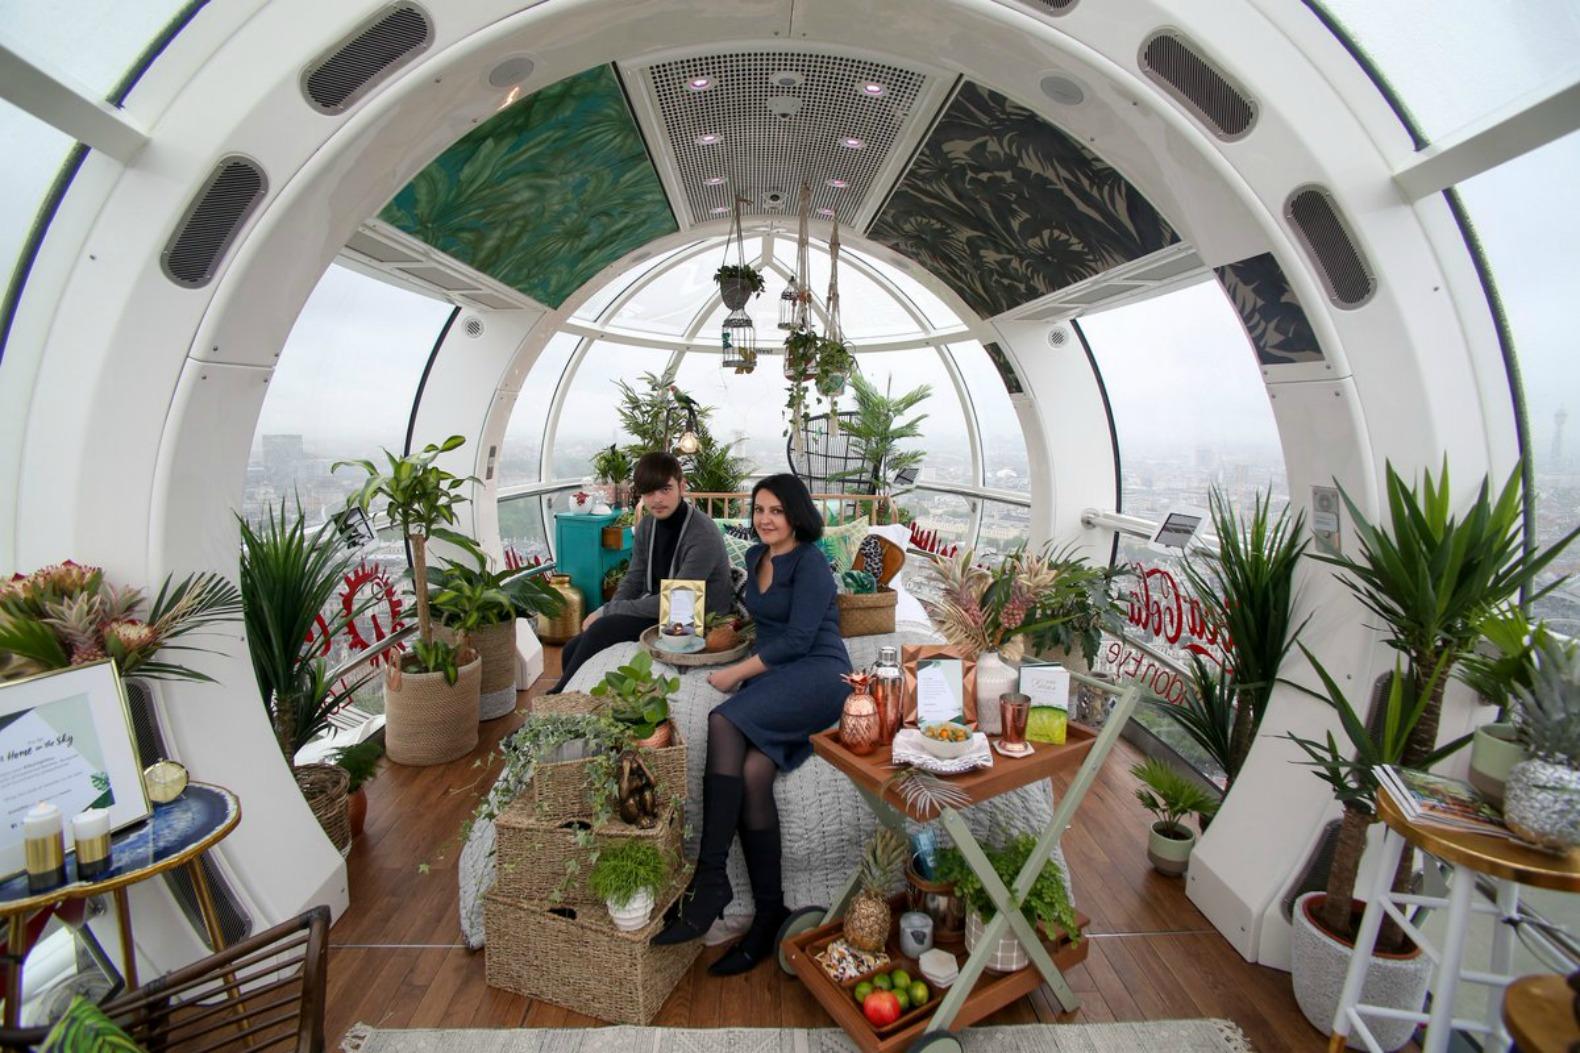 London Eye capsule transformed into rainforestinspired